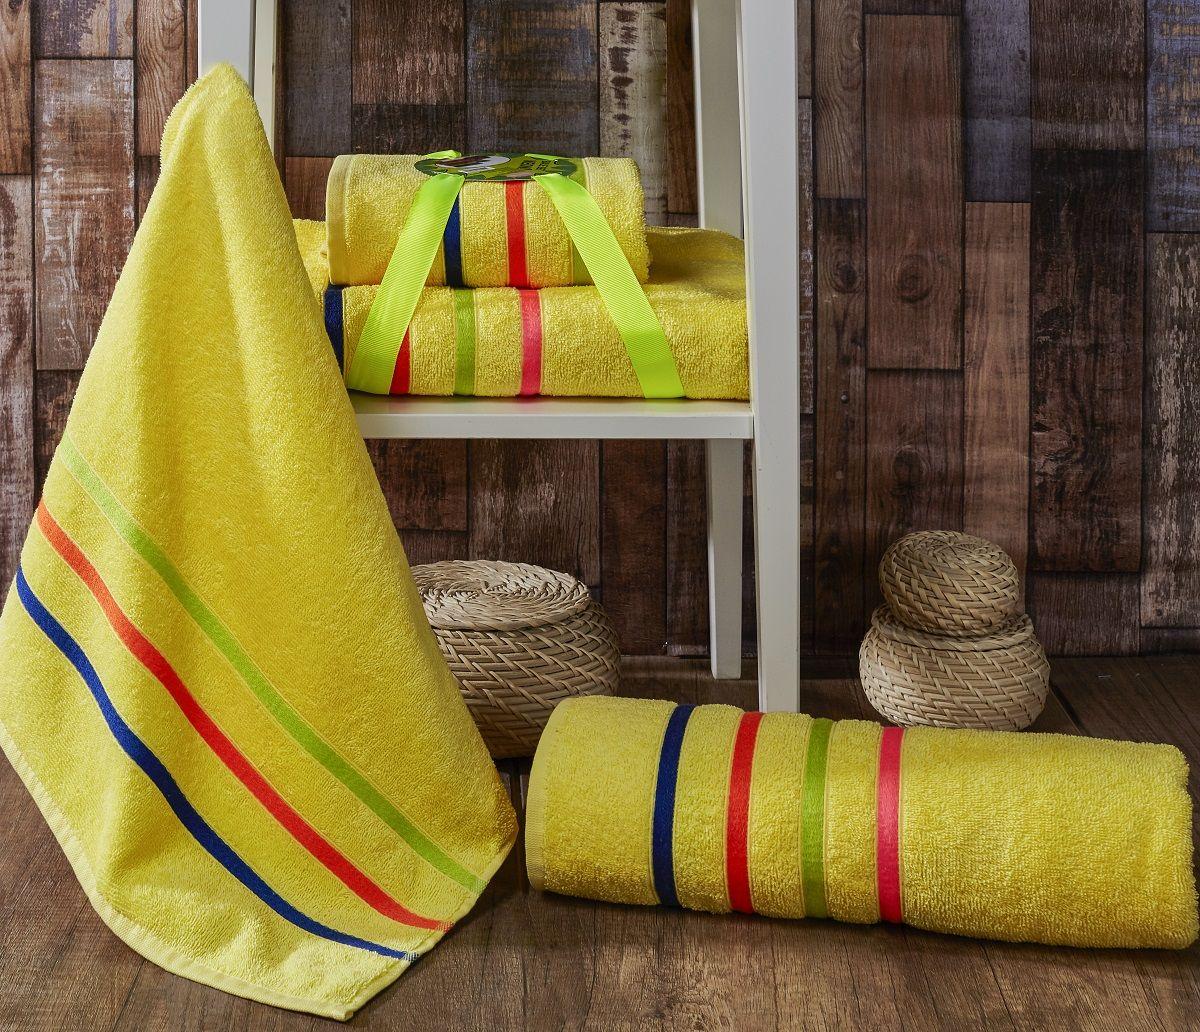 Комплект полотенец Karna Bale Neon, цвет: желтый, 50 х 80 см, 70 х 140 см, 2 шт1011217226Комплект полотенец Karna изготавливают из высококачественных хлопковых нитей. Хлопковые нити прядутся из длинных волокон. Длина волокон хлопковой нити влияет на свойства ткани, чем длиннее волокна, тем махровое изделие прочнее, пушистее и мягче на ощупь. А также махровое изделие будет отлично впитывать воду и быстро сохнуть. На впитывающие качества махры (ее гигроскопичность), конечно же, влияет состав волокон. Махра абсолютно не аллергенна, имеет высокую воздухопроницаемость и долгий срок использования ткани.Отличительной особенностью данной модели являются ее оригинальный дизайн и подарочная упаковка. Данное изделие отличается своей долговечностью и практичностью, полотенца не выгорают и не линяют.